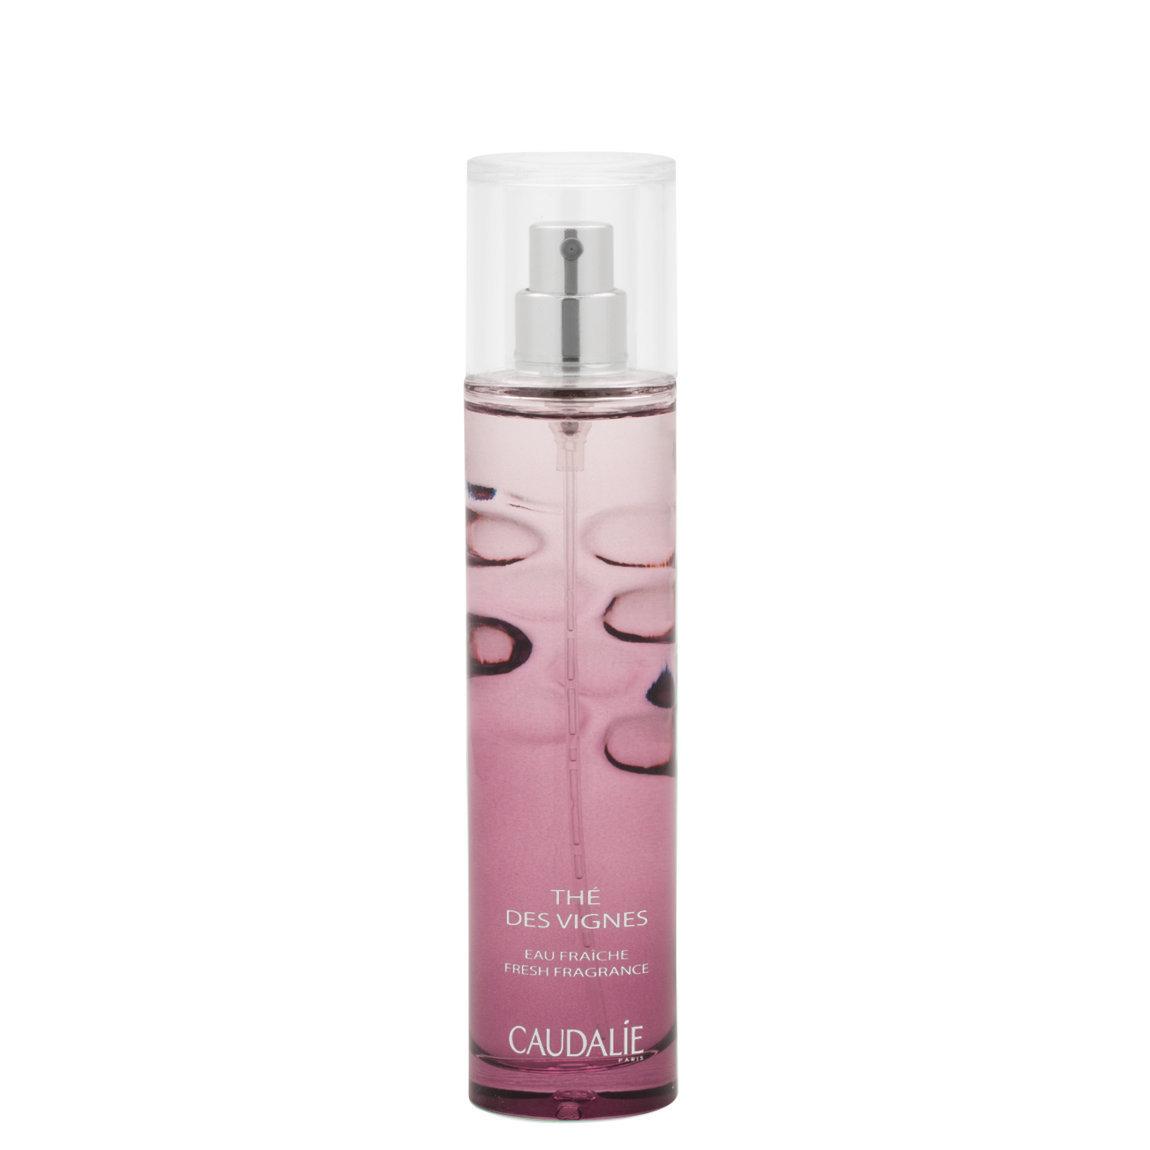 Caudalie Thé Des Vignes Fresh Fragrance product swatch.